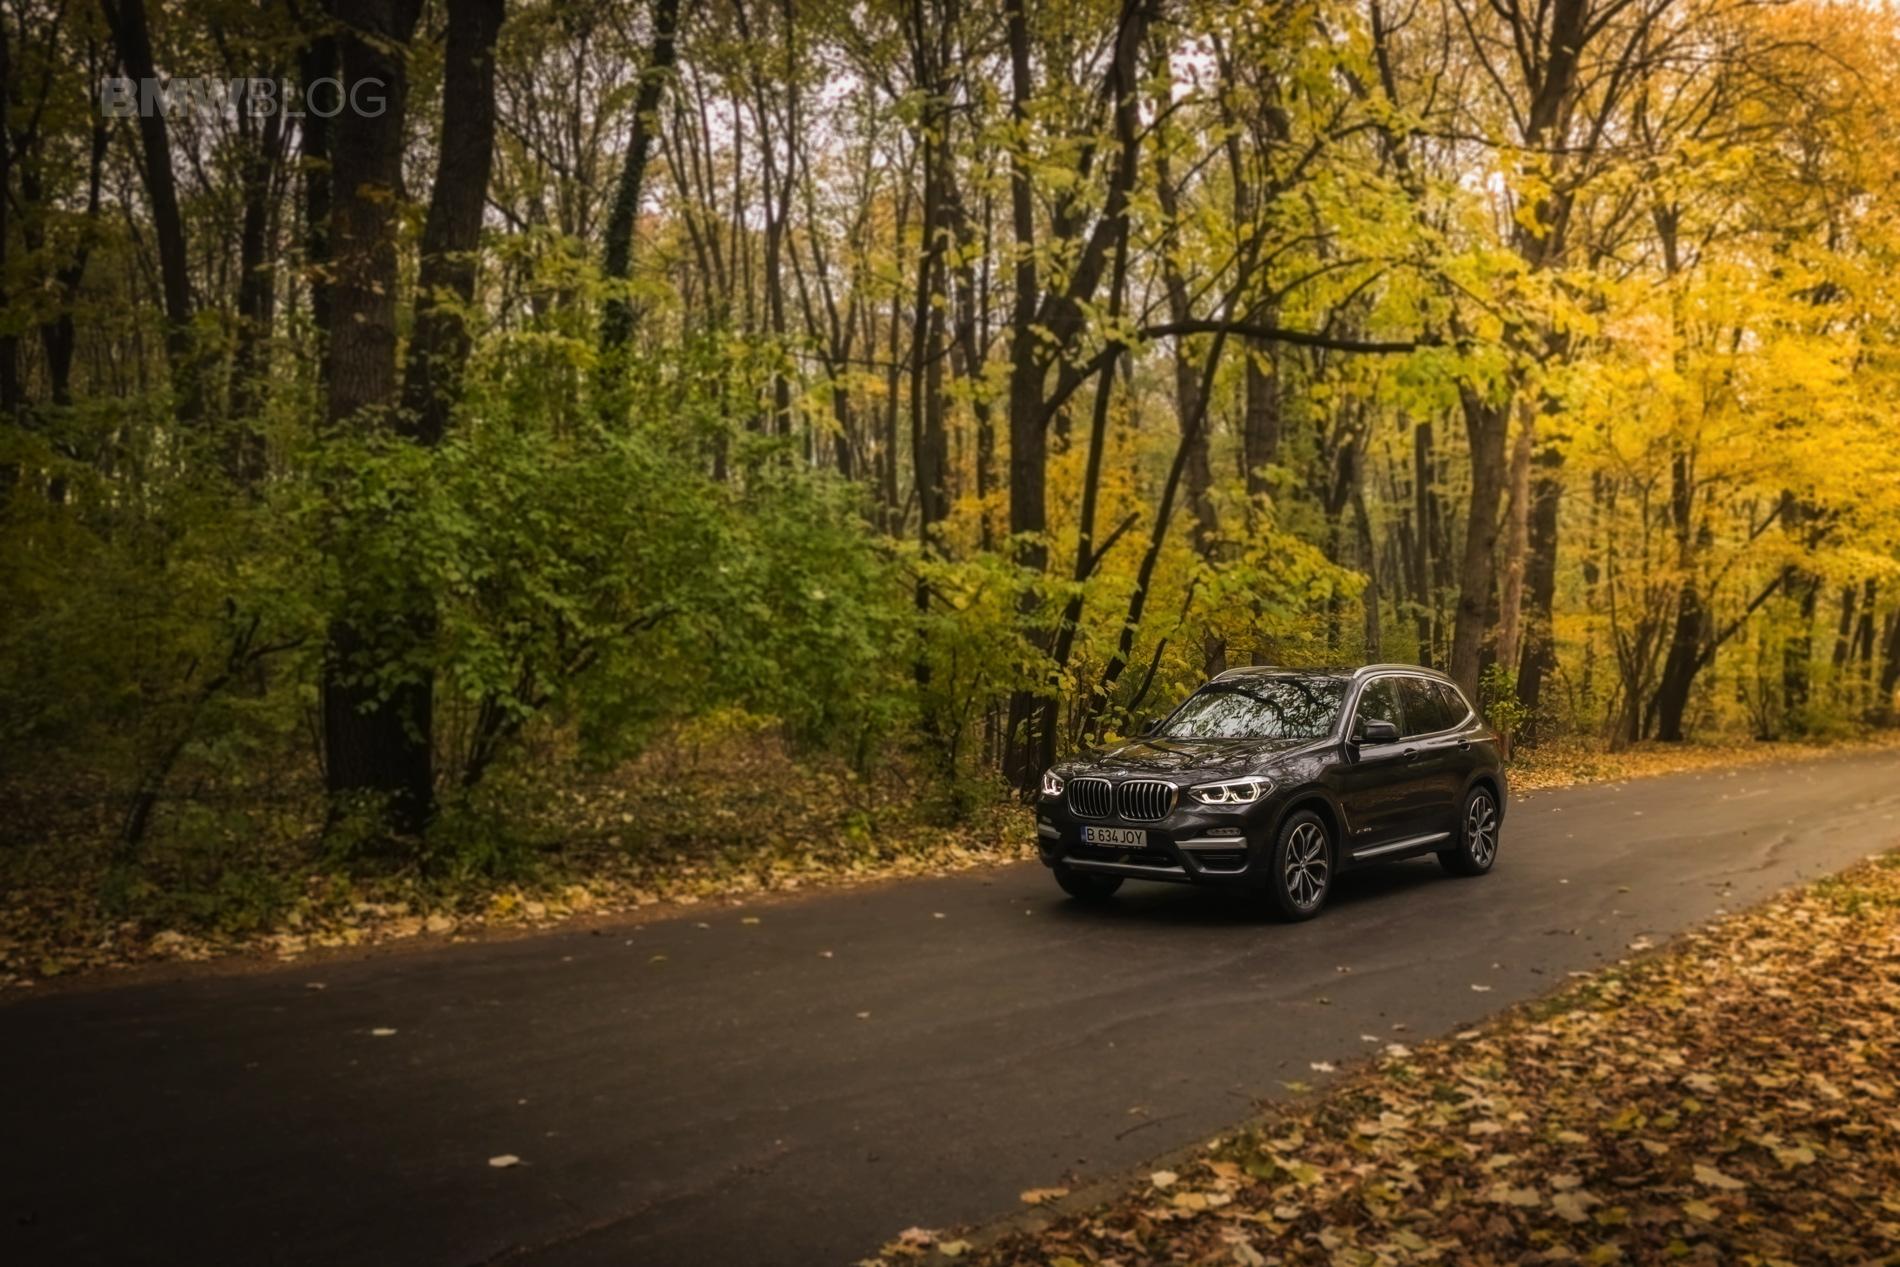 2017 BMW X3 xDrive20d test drive review 68